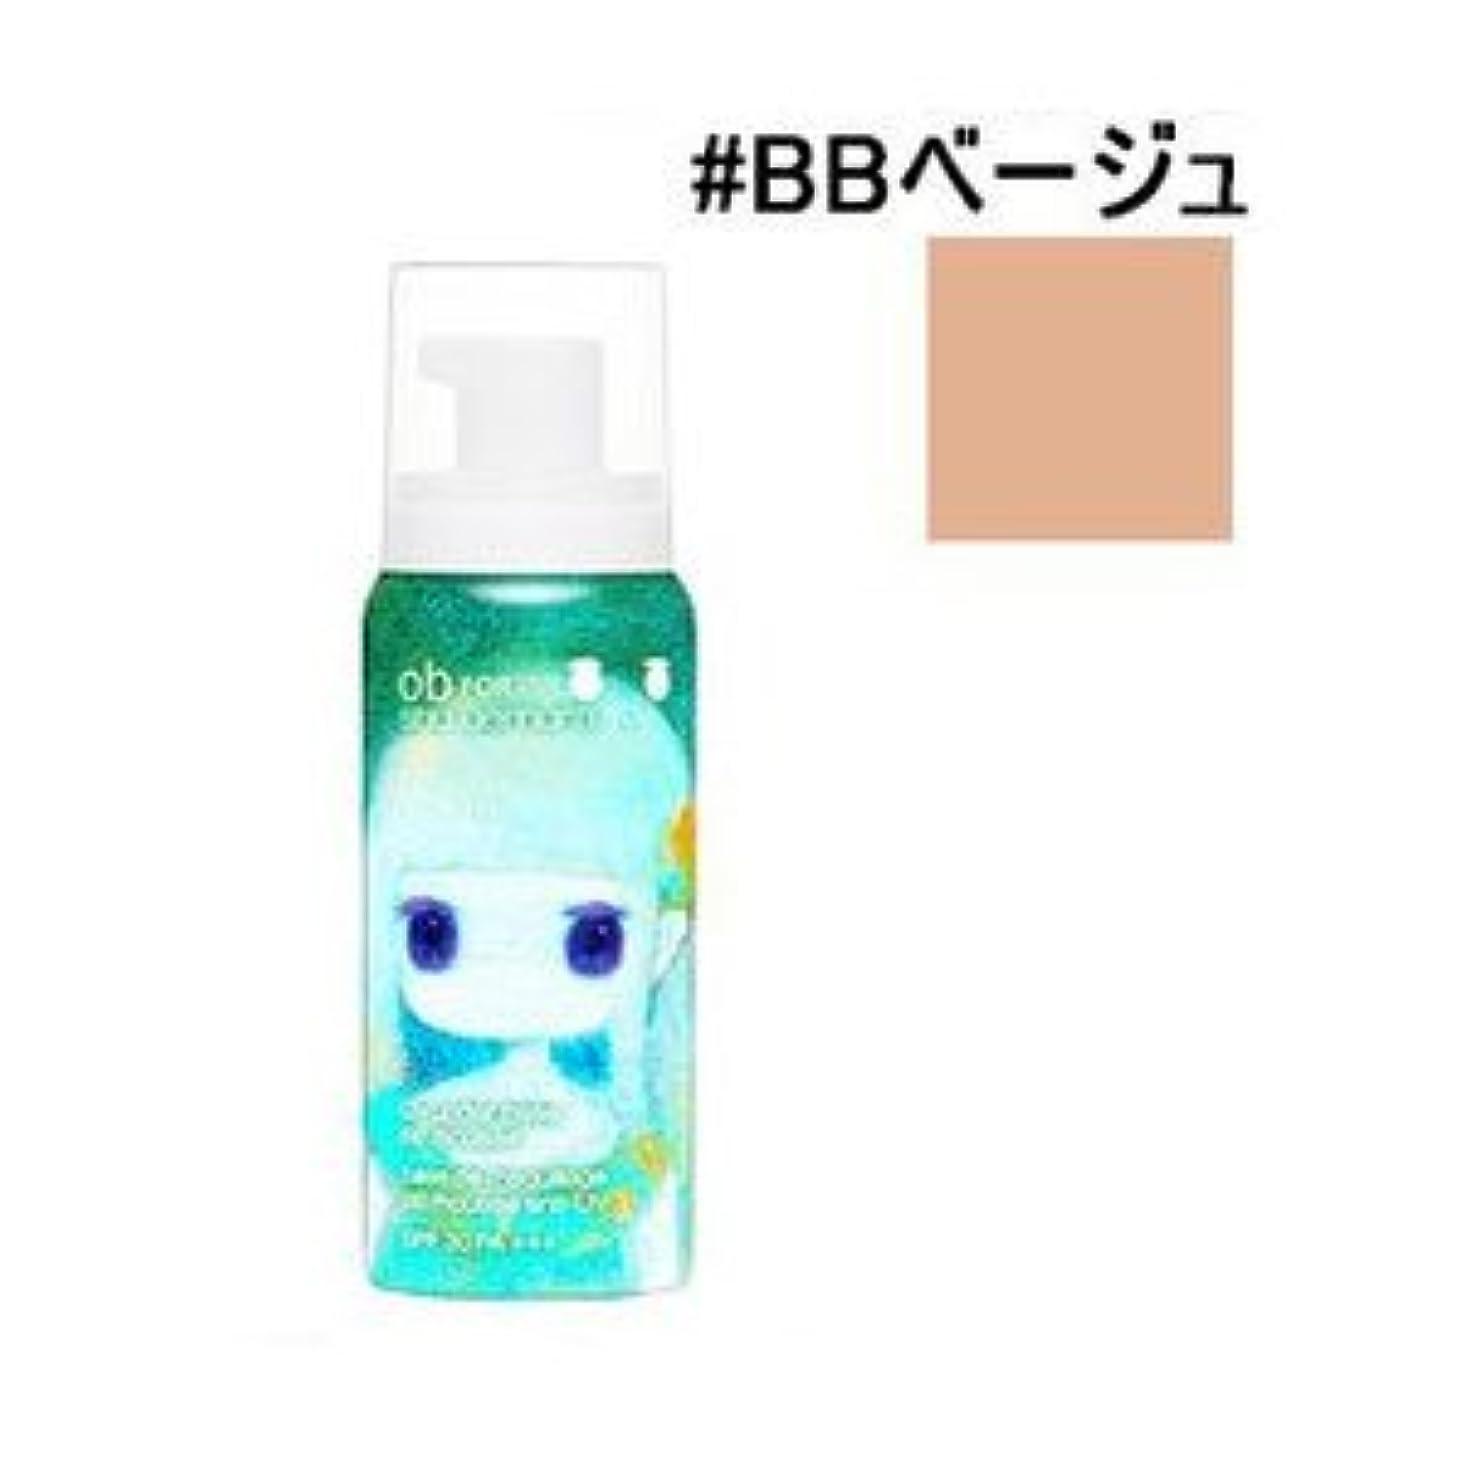 環境に優しいロッジゴシップshu uemura シュウ ウエムラ<br>UV アンダー ベース ムース #BB beige<br>SPF 30 ? PA+++<br>65g [並行輸入品]